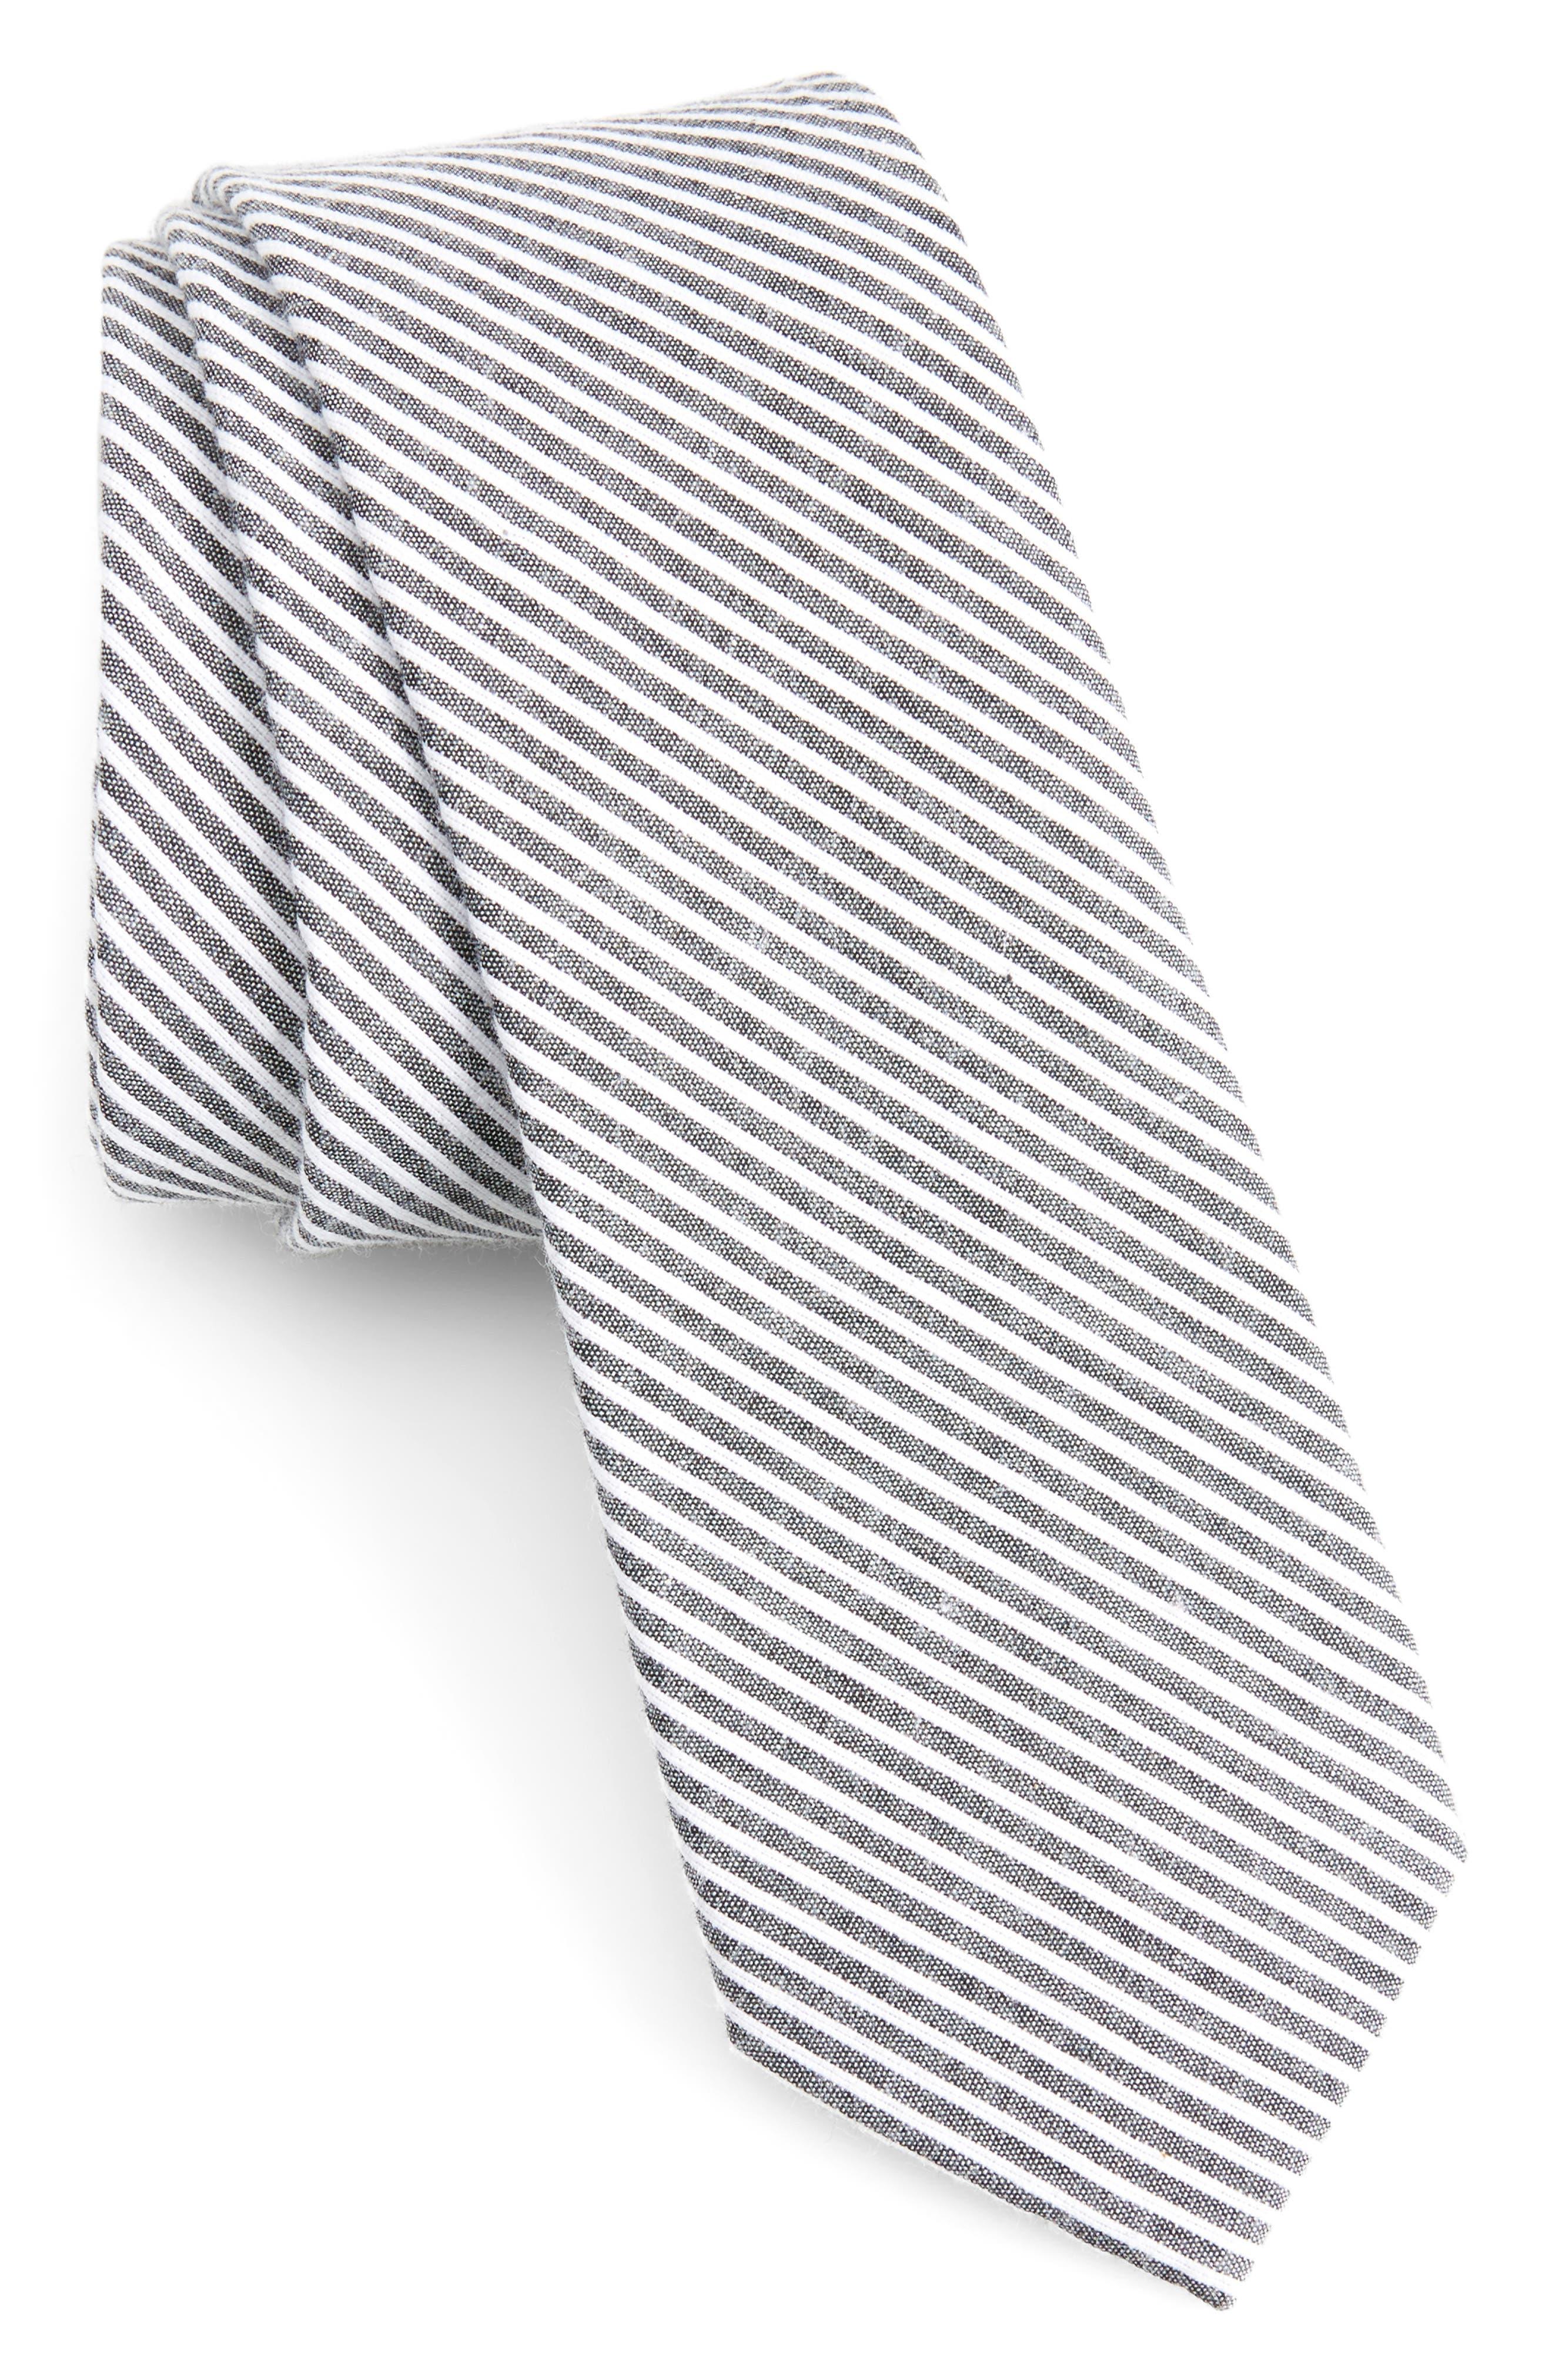 Kenton Stripe Cotton Tie,                         Main,                         color, Black